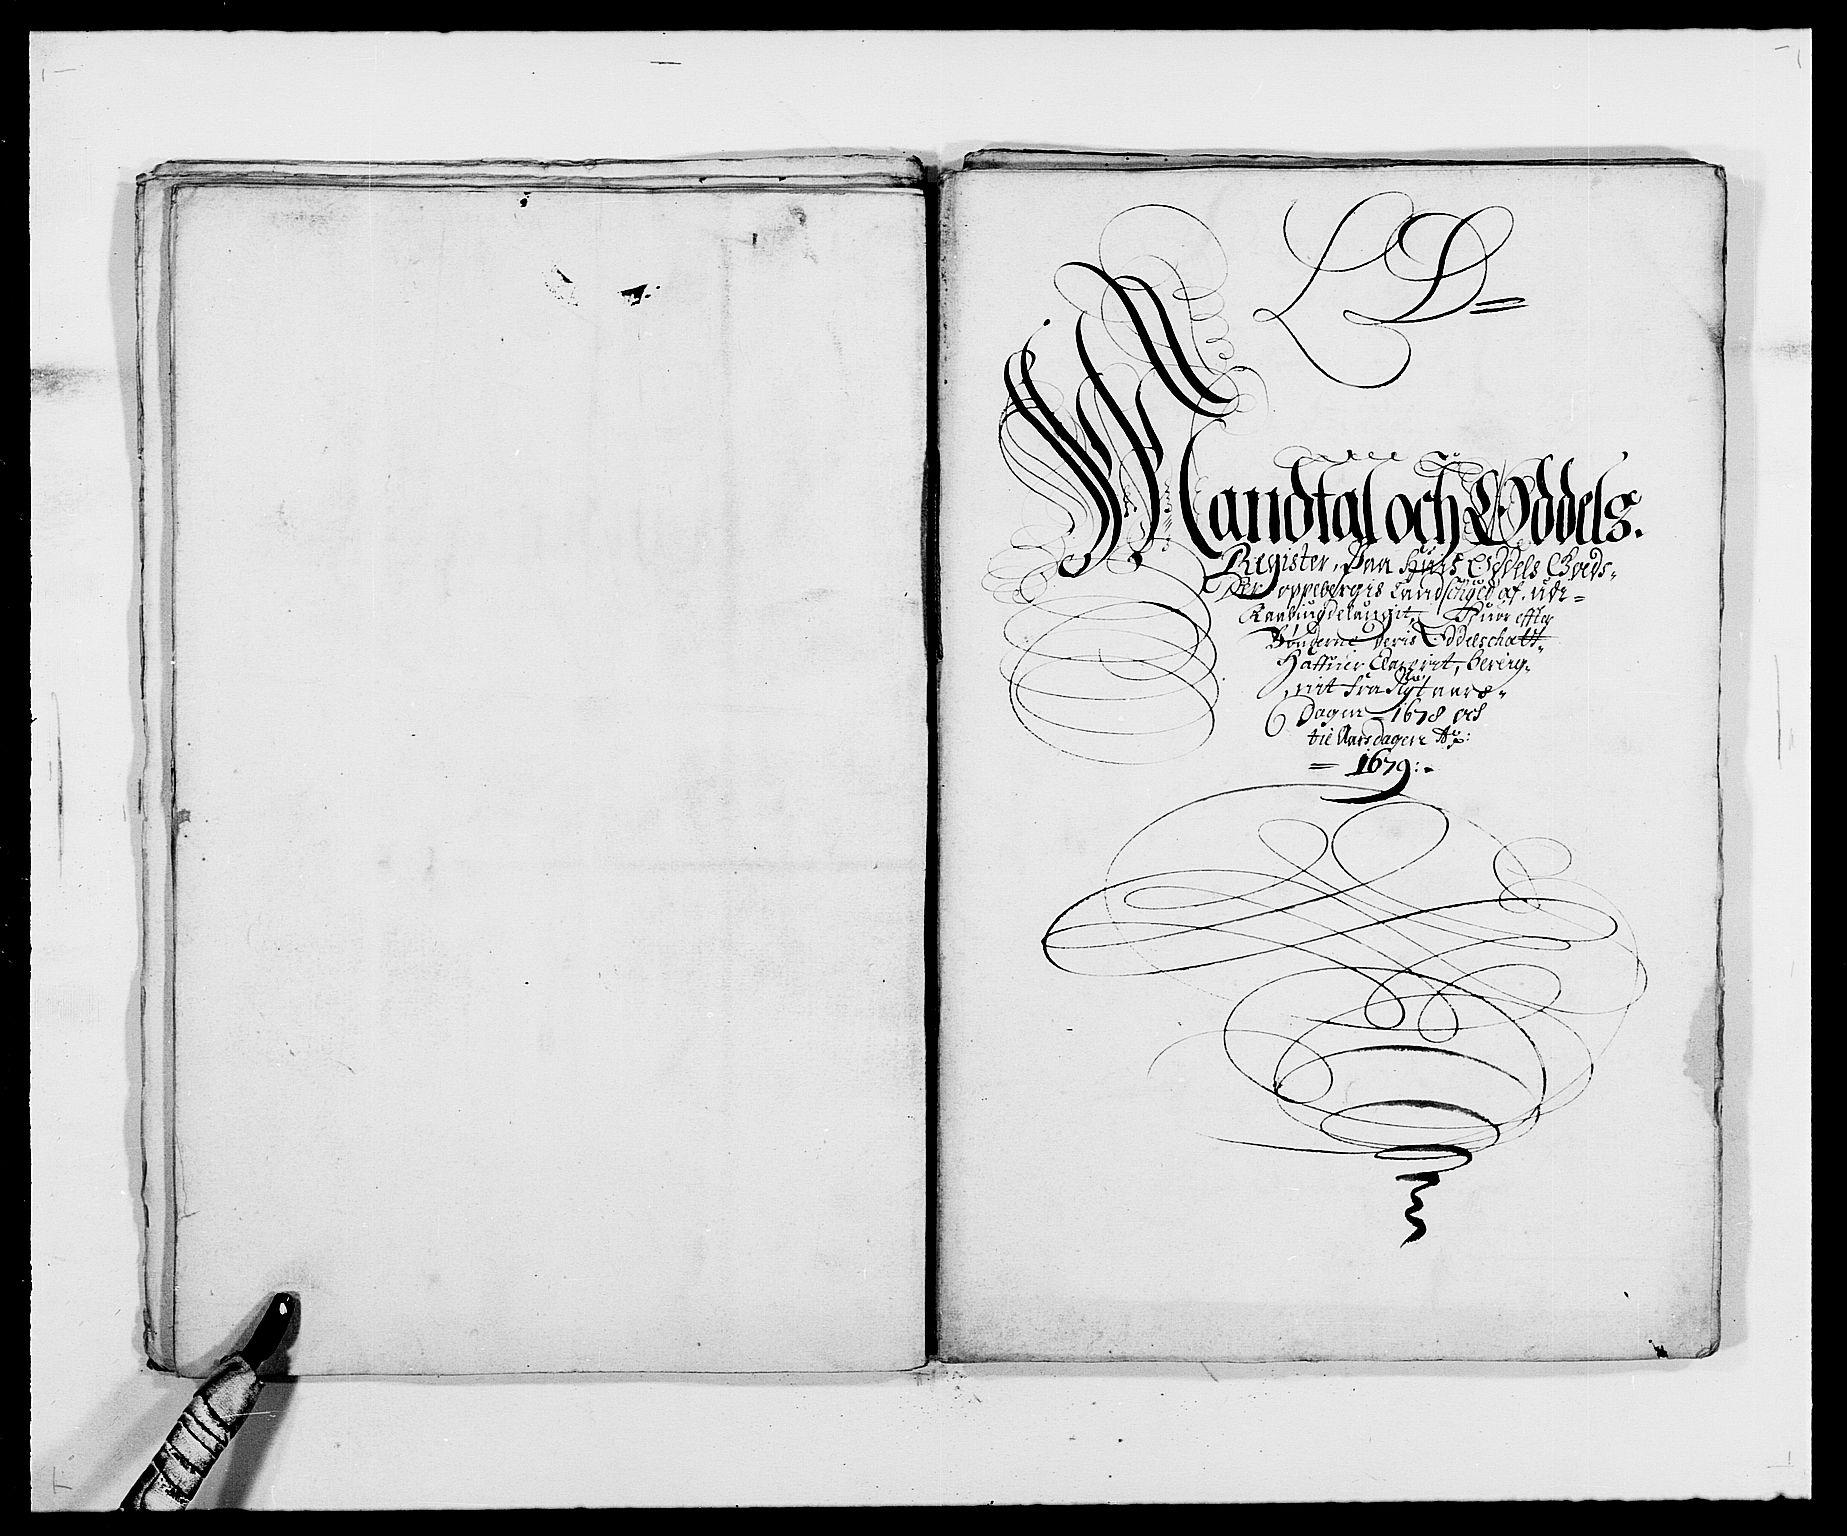 RA, Rentekammeret inntil 1814, Reviderte regnskaper, Fogderegnskap, R40/L2435: Fogderegnskap Råbyggelag, 1677-1678, s. 259